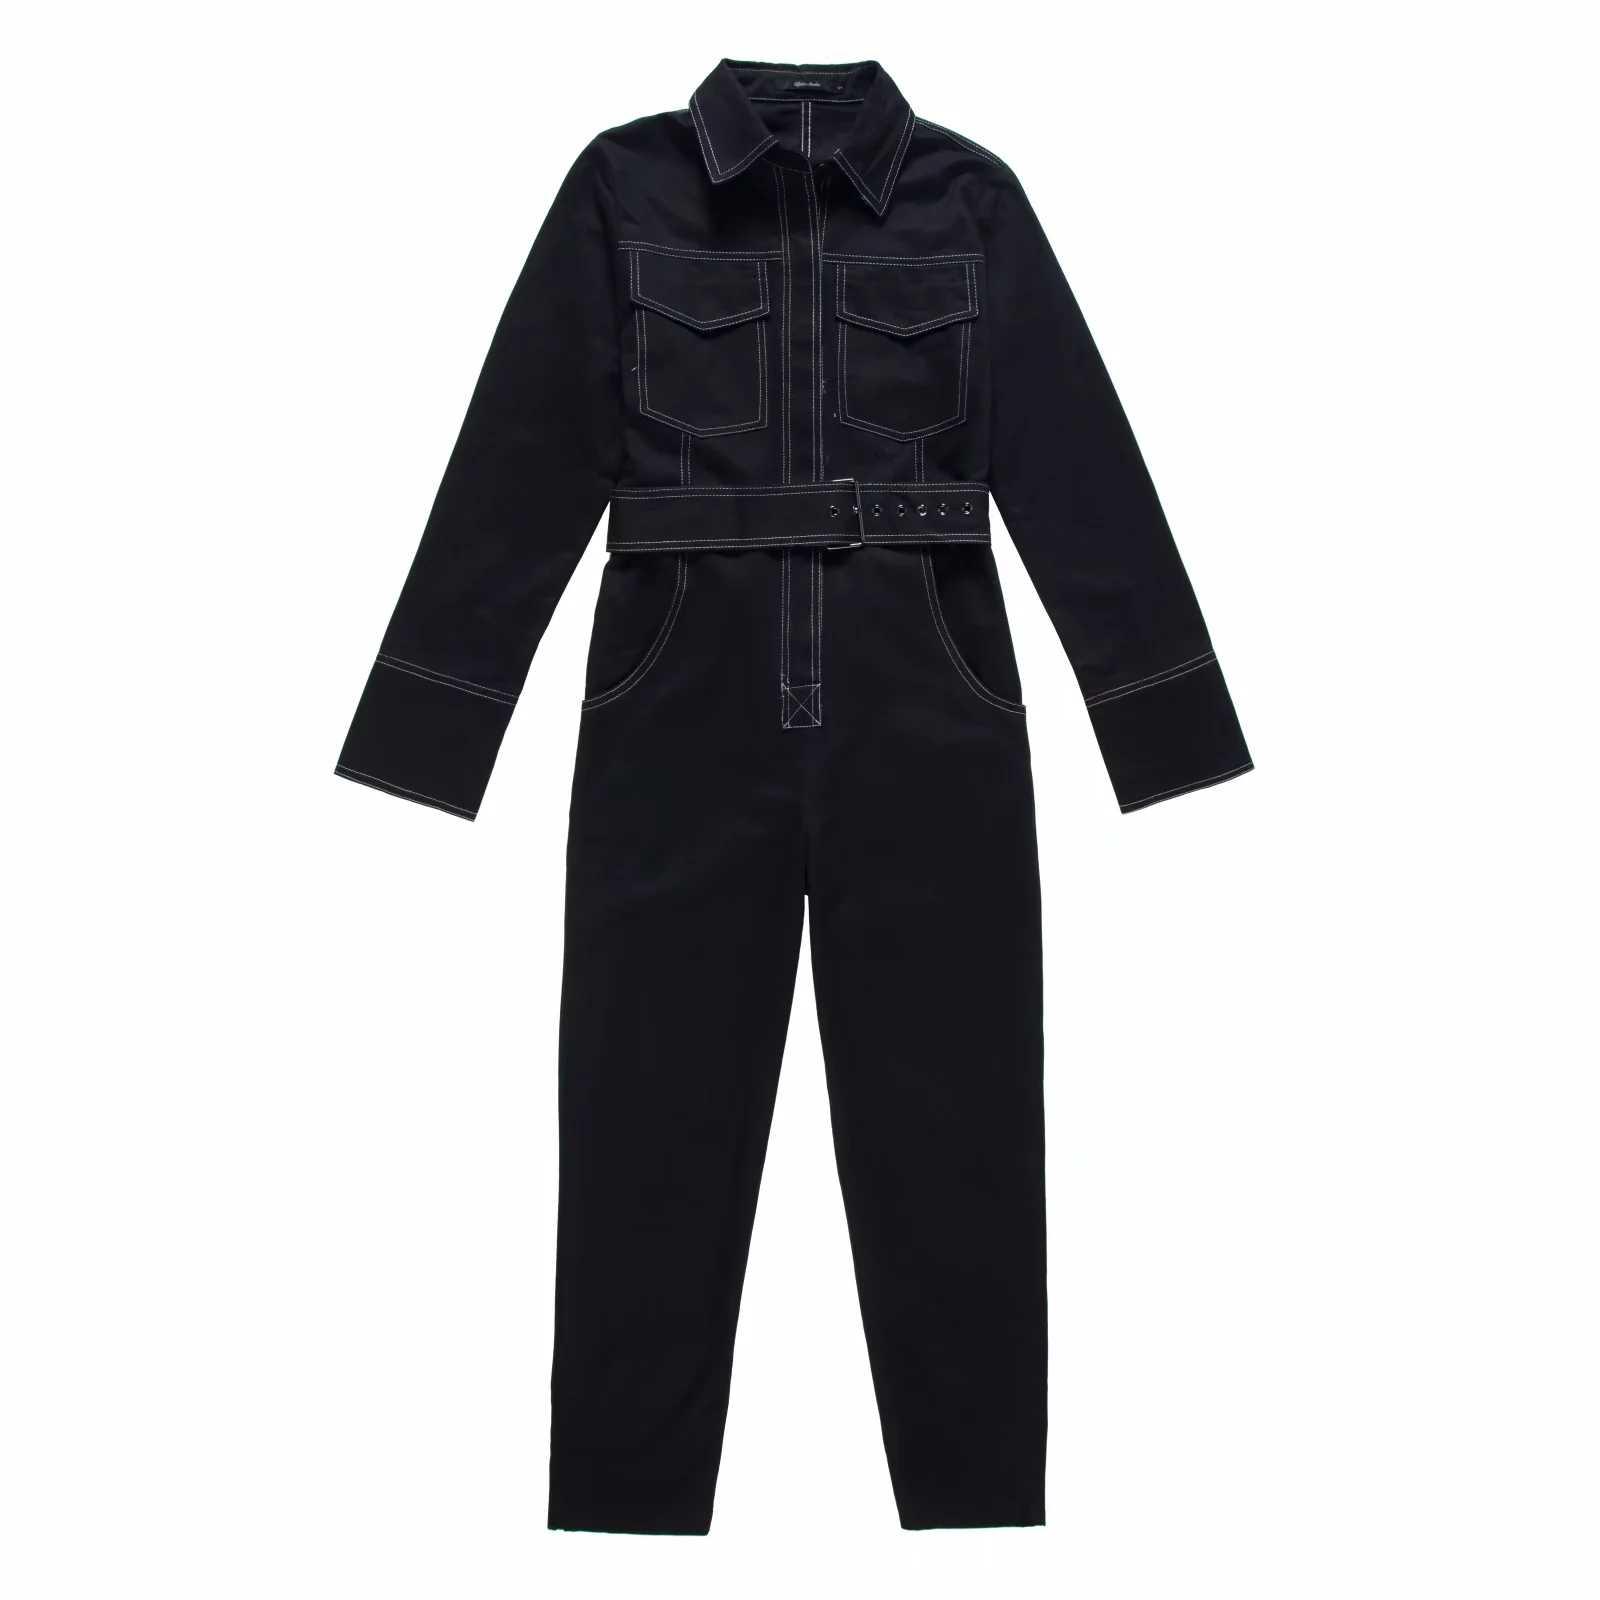 Mono de mezclilla Sexy para mujer mameluco de manga larga Cinturón Negro/blanco invierno otoño Jeans mono mujer 2019 Streetwear monos